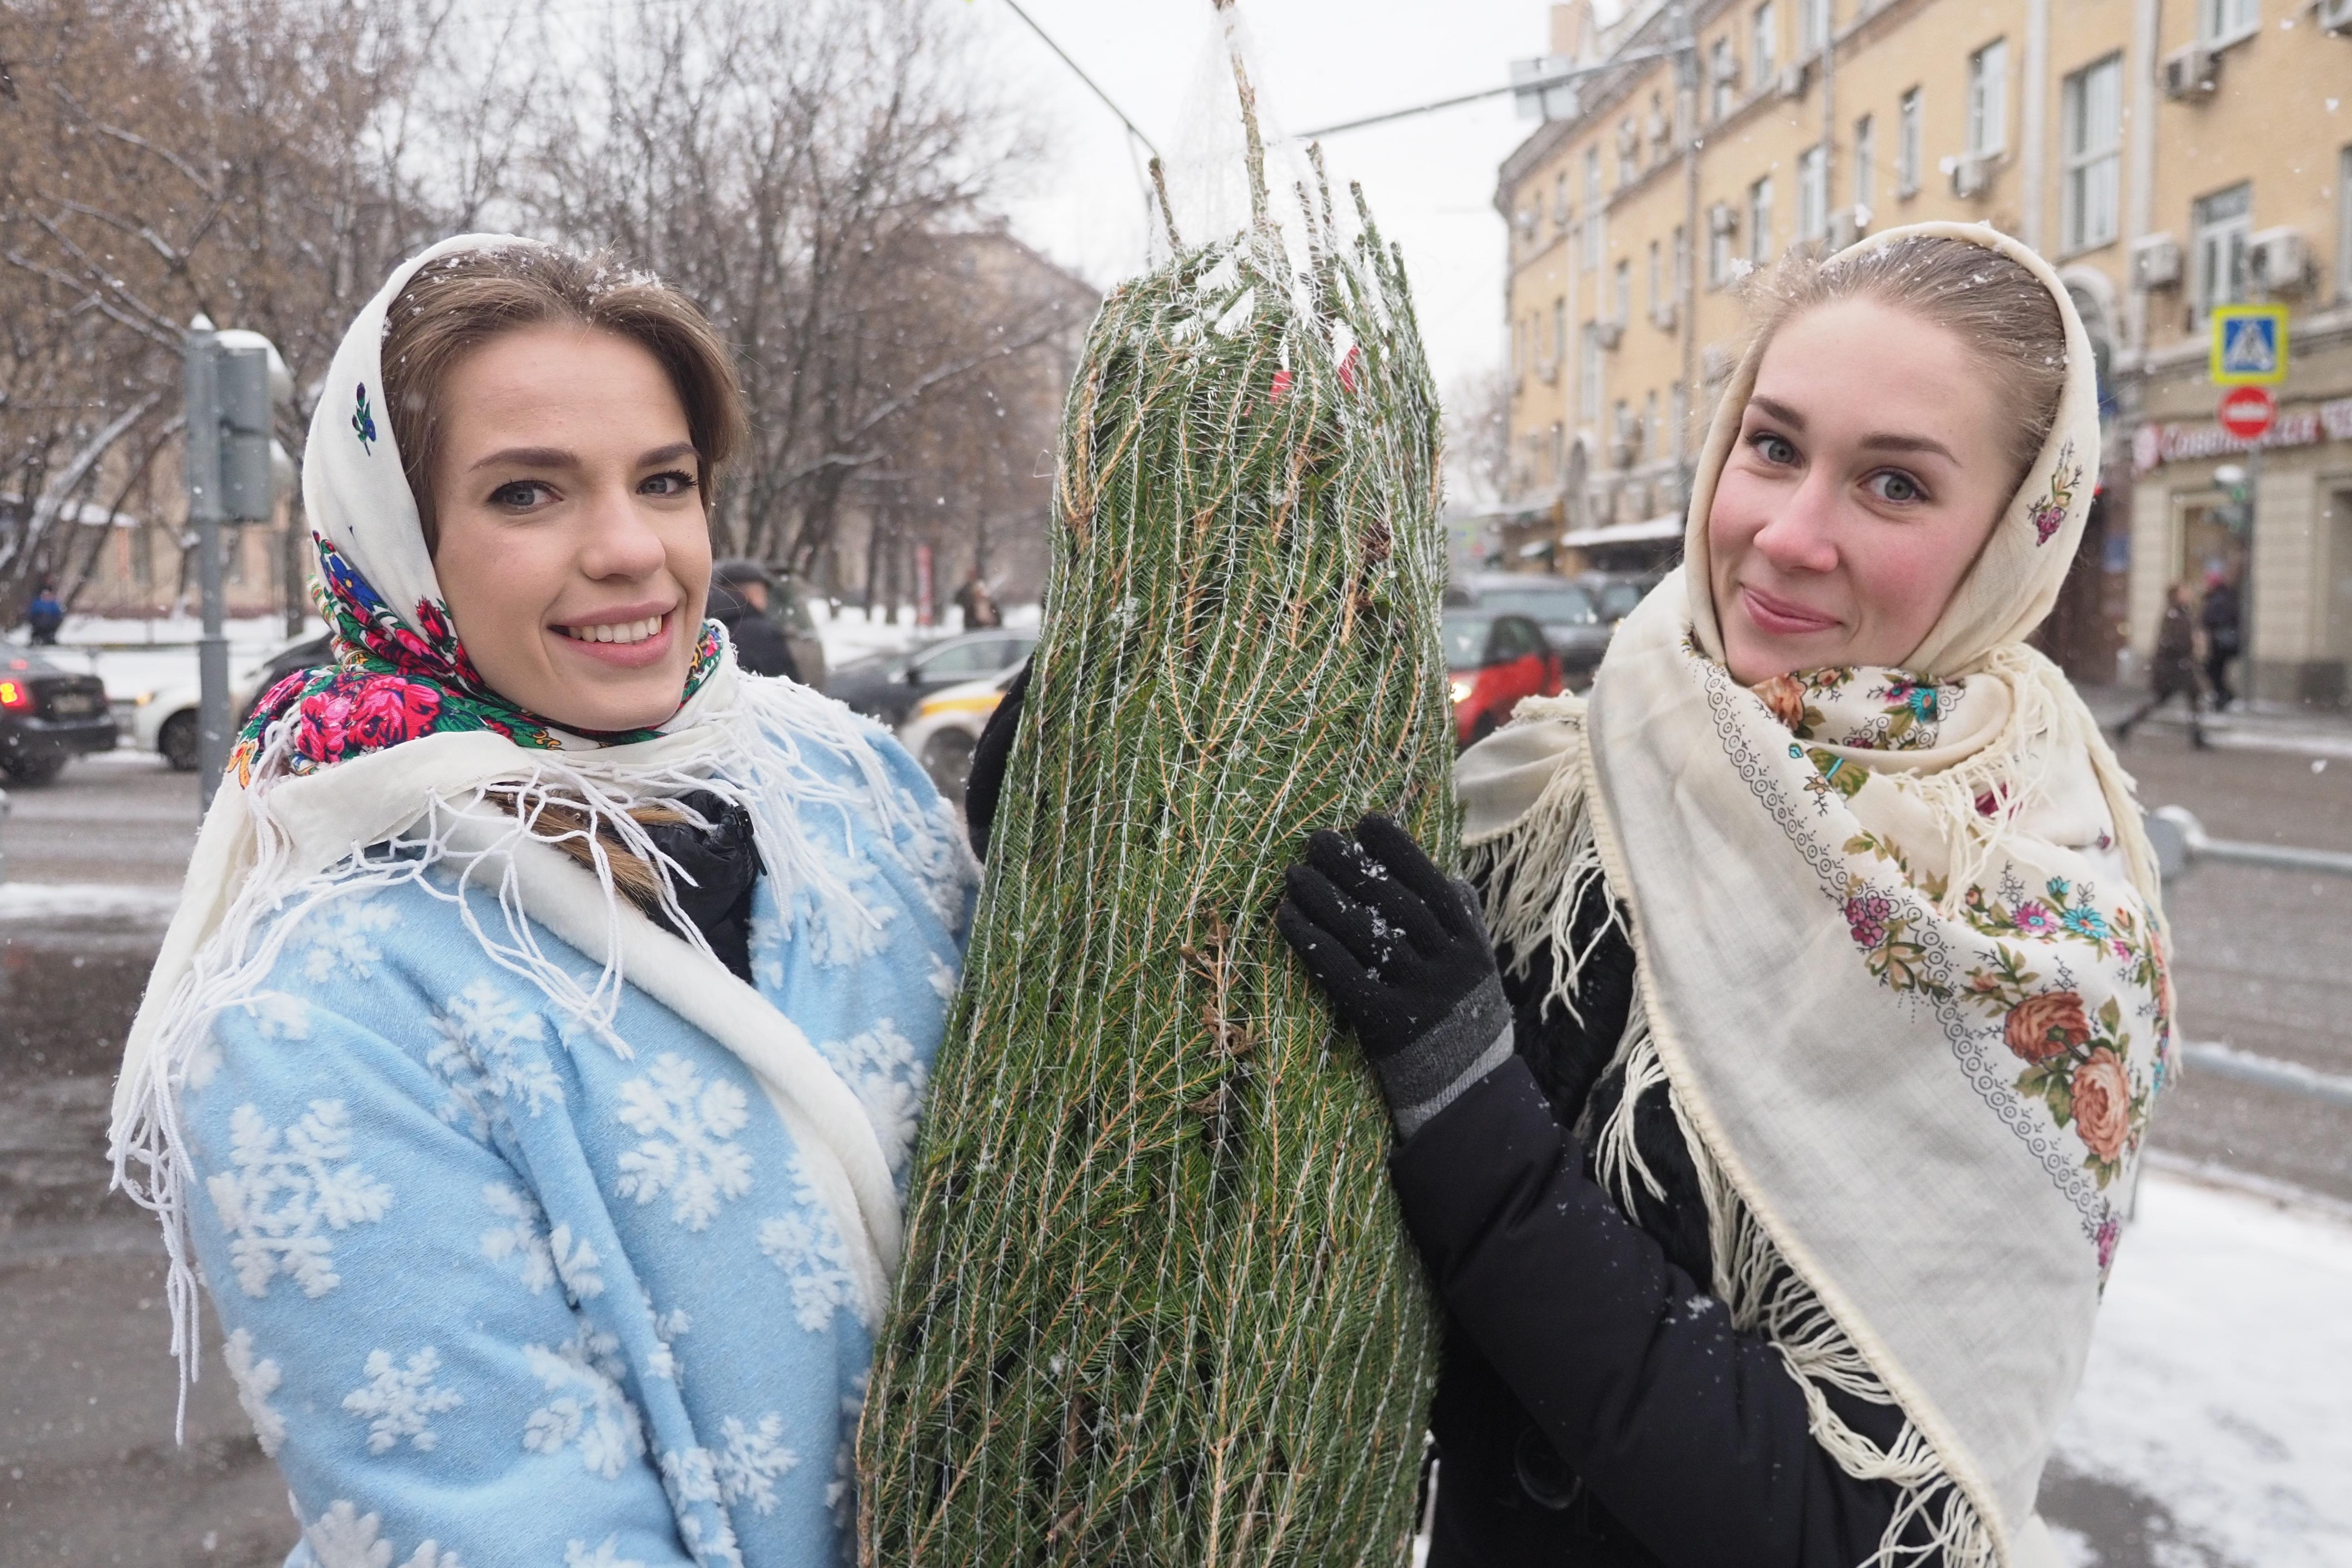 Москвичам предложили выбрать наиболее удобные пункты приема новогодних елок